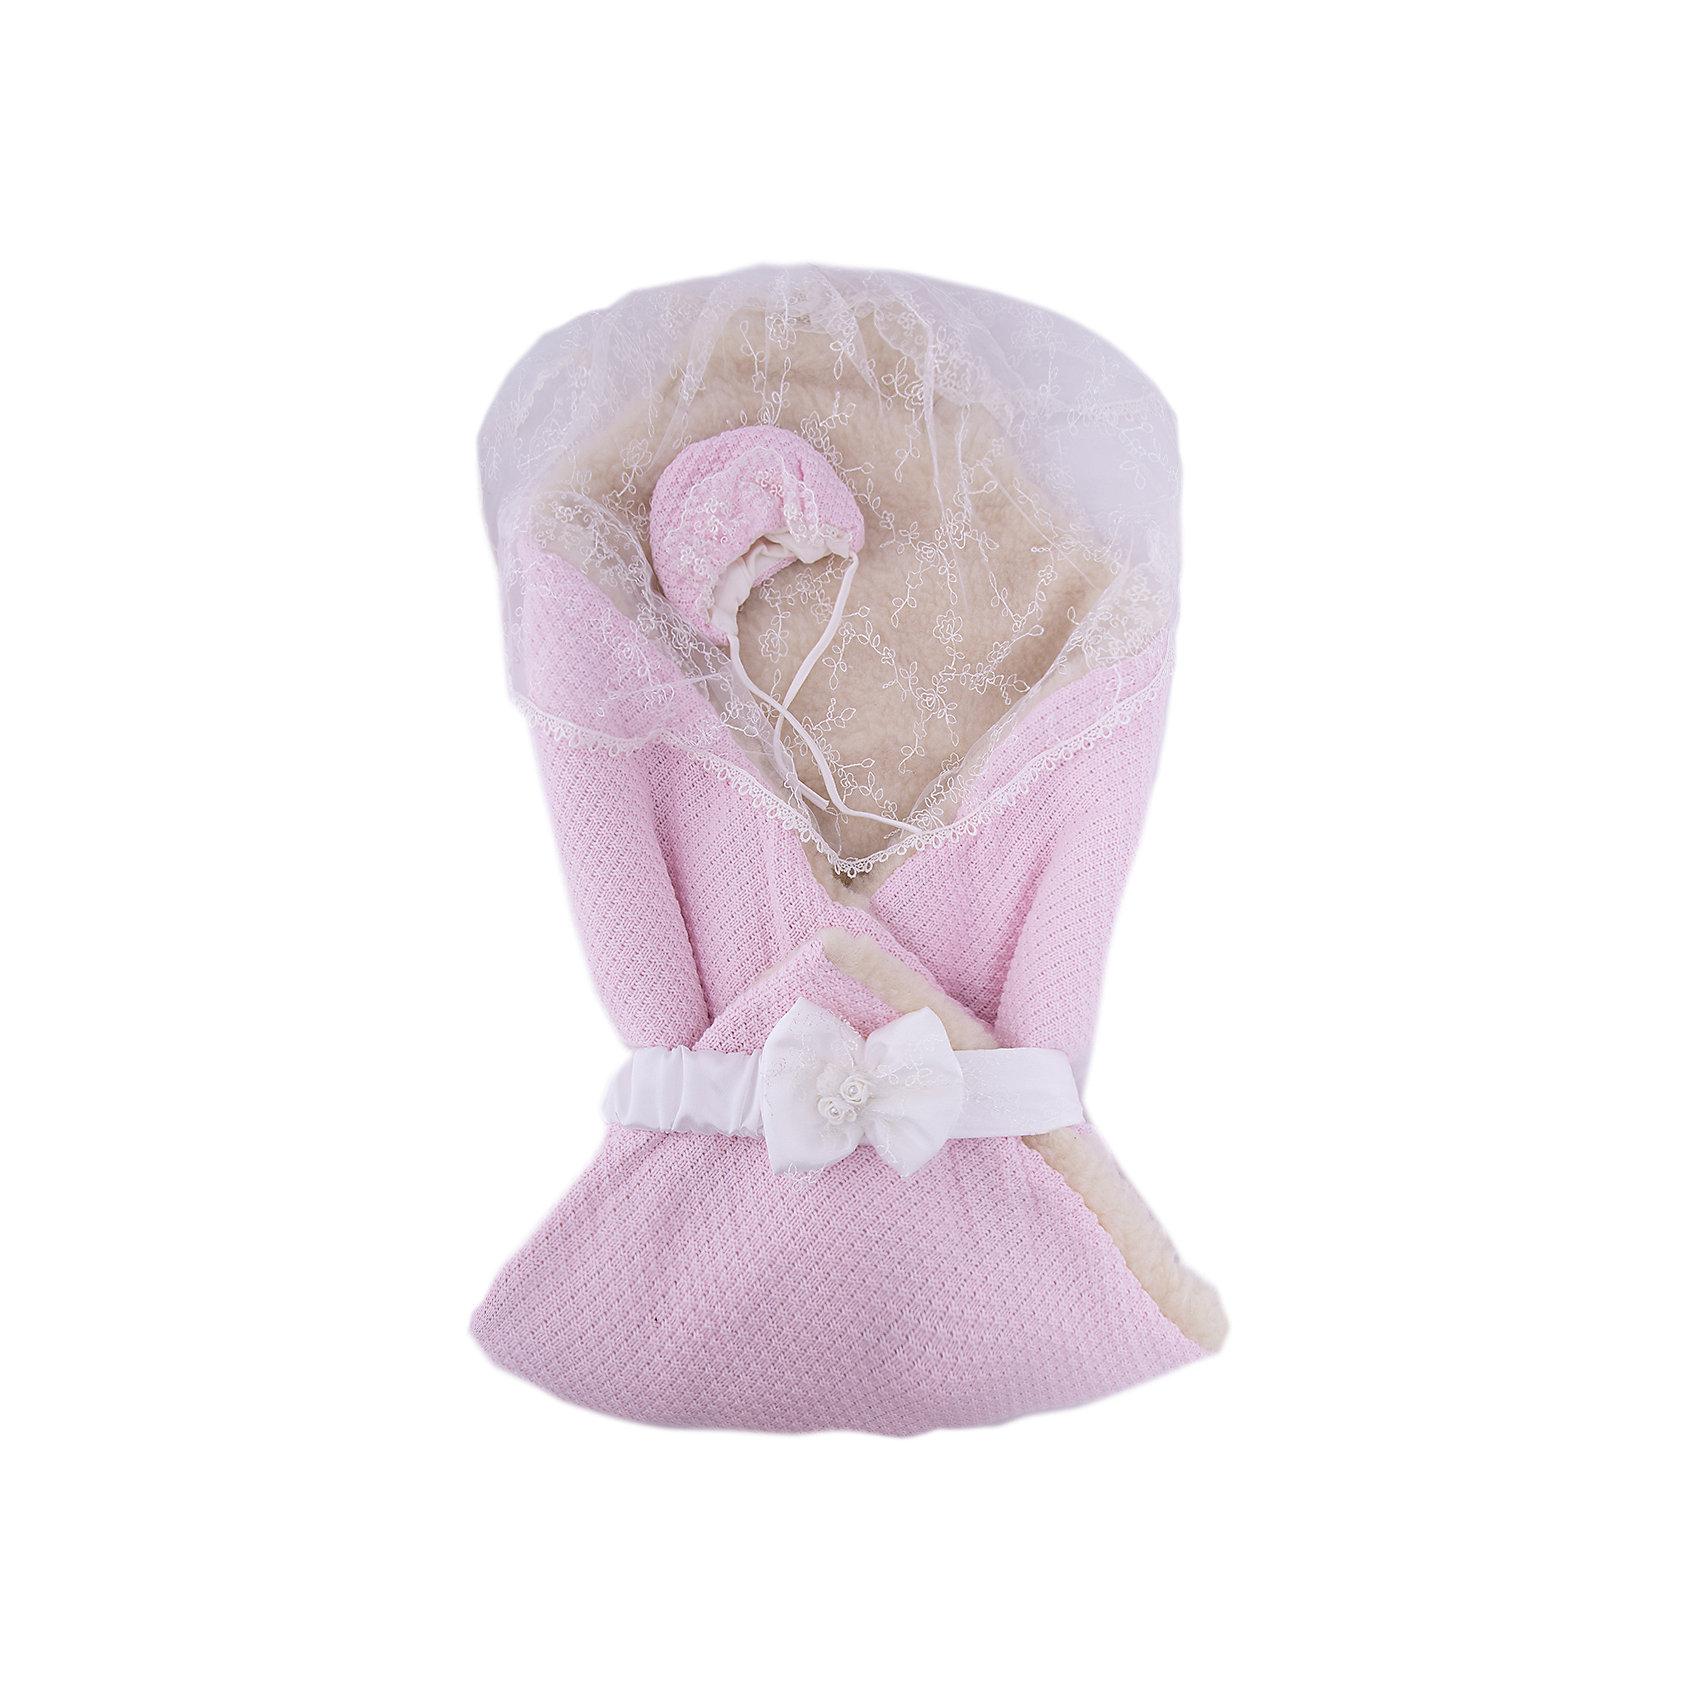 Конверт-одеяло Жемчужинка, Сонный гномик, розовый